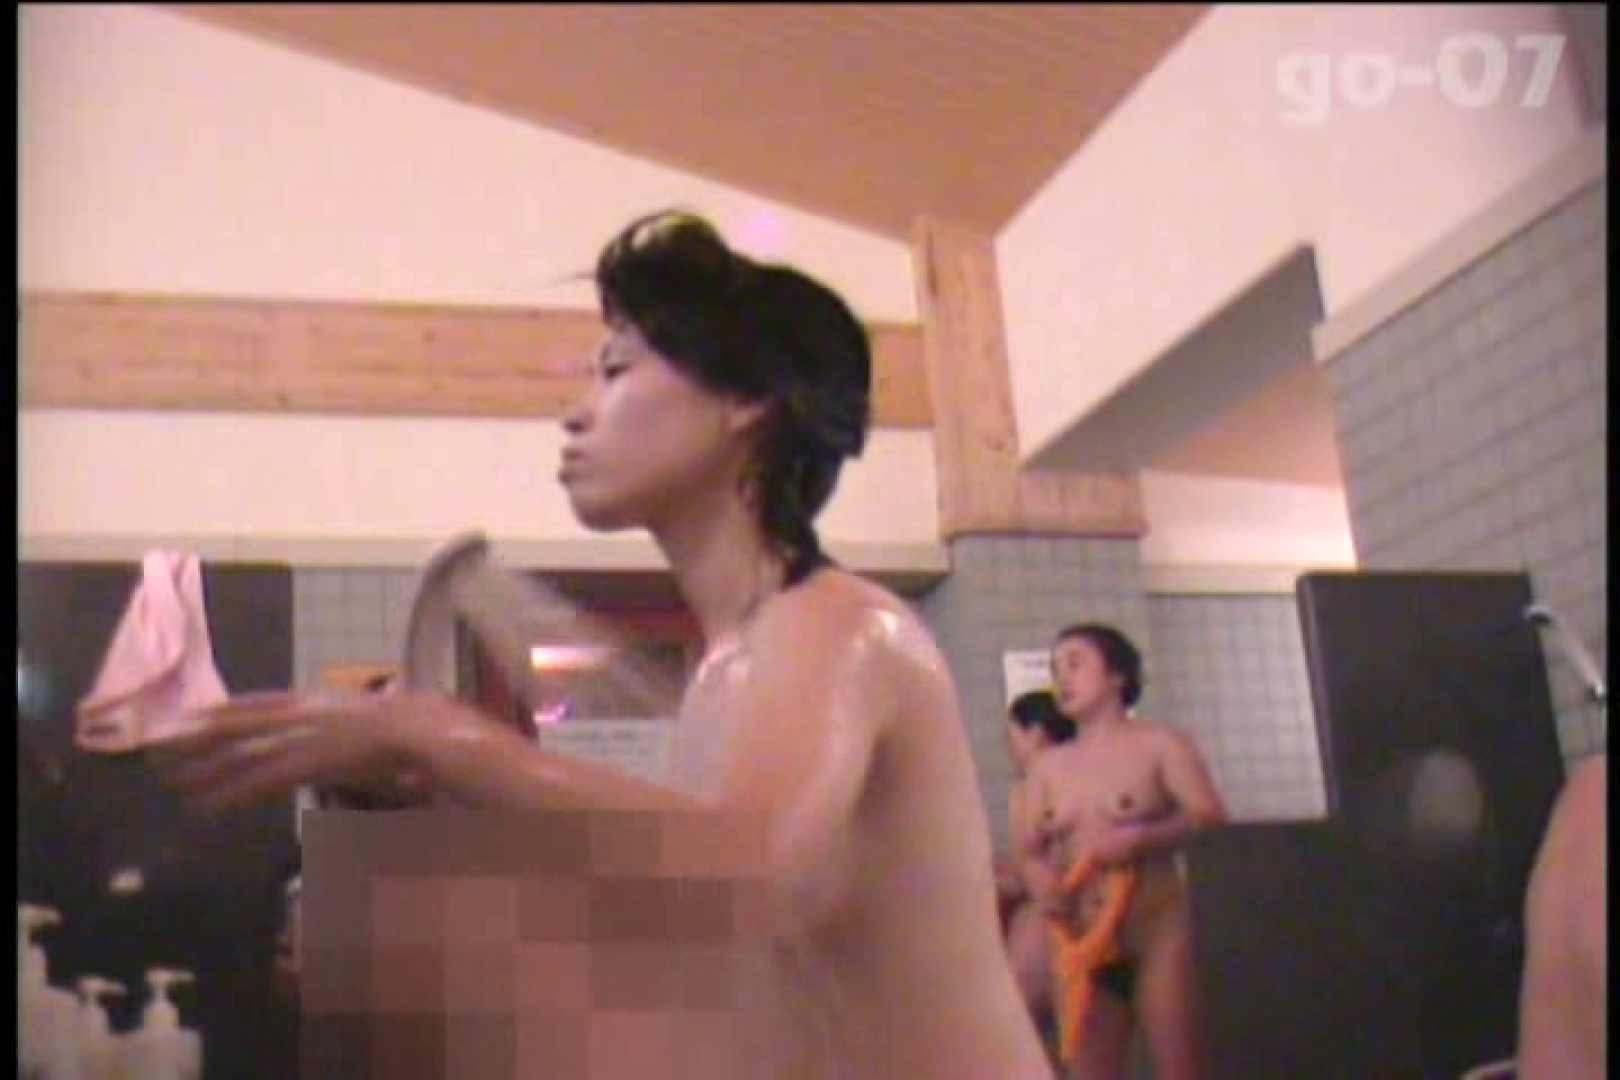 電波カメラ設置浴場からの防HAN映像 Vol.07 女湯のぞき エロ画像 110枚 87